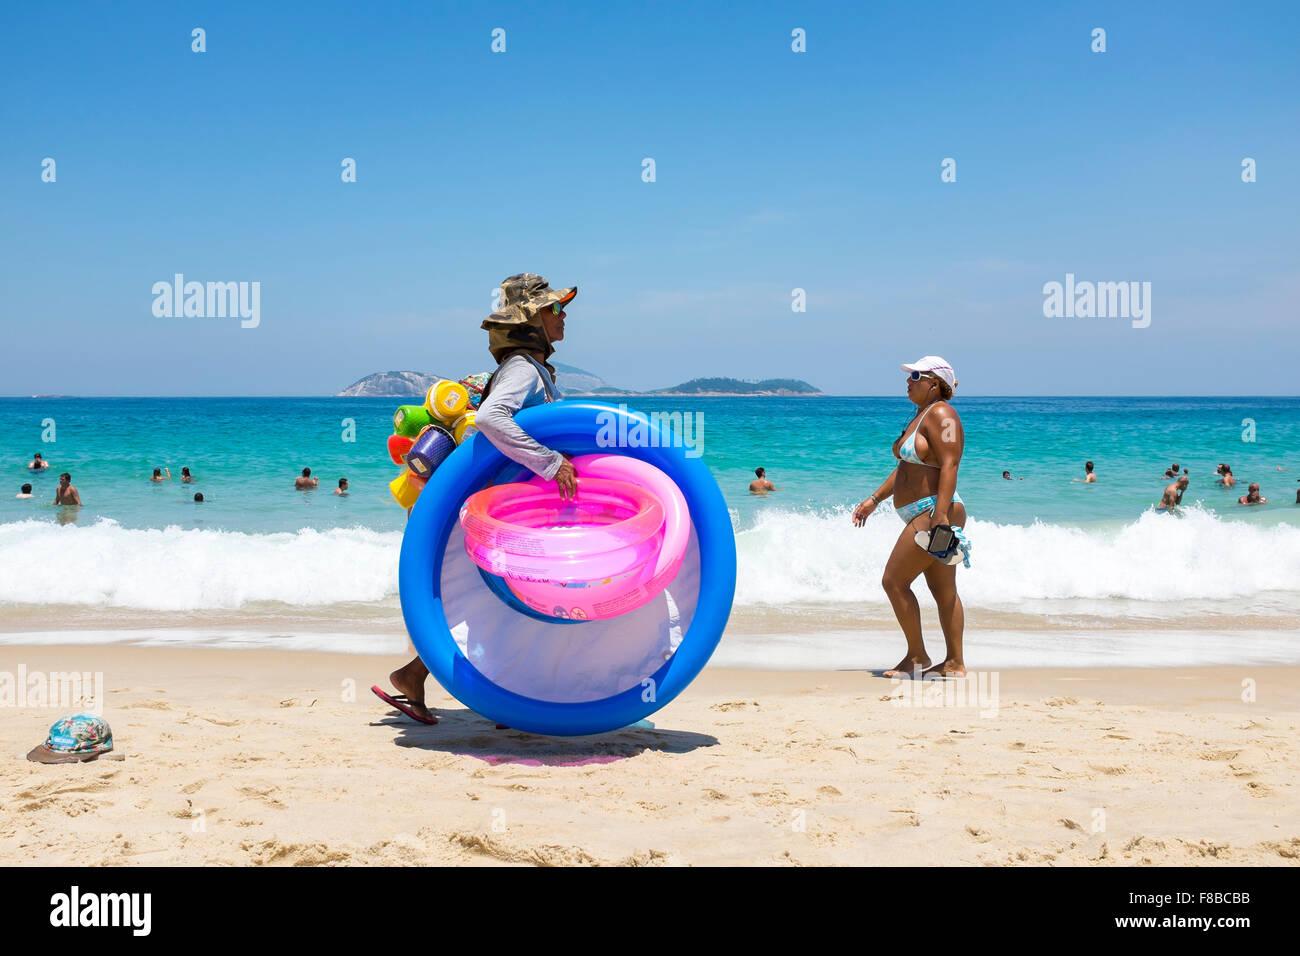 RIO DE JANEIRO, Brasile - 15 Marzo 2015: Spiaggia venditore a vendere pittoresca spiaggia di giocattoli porta la Immagini Stock